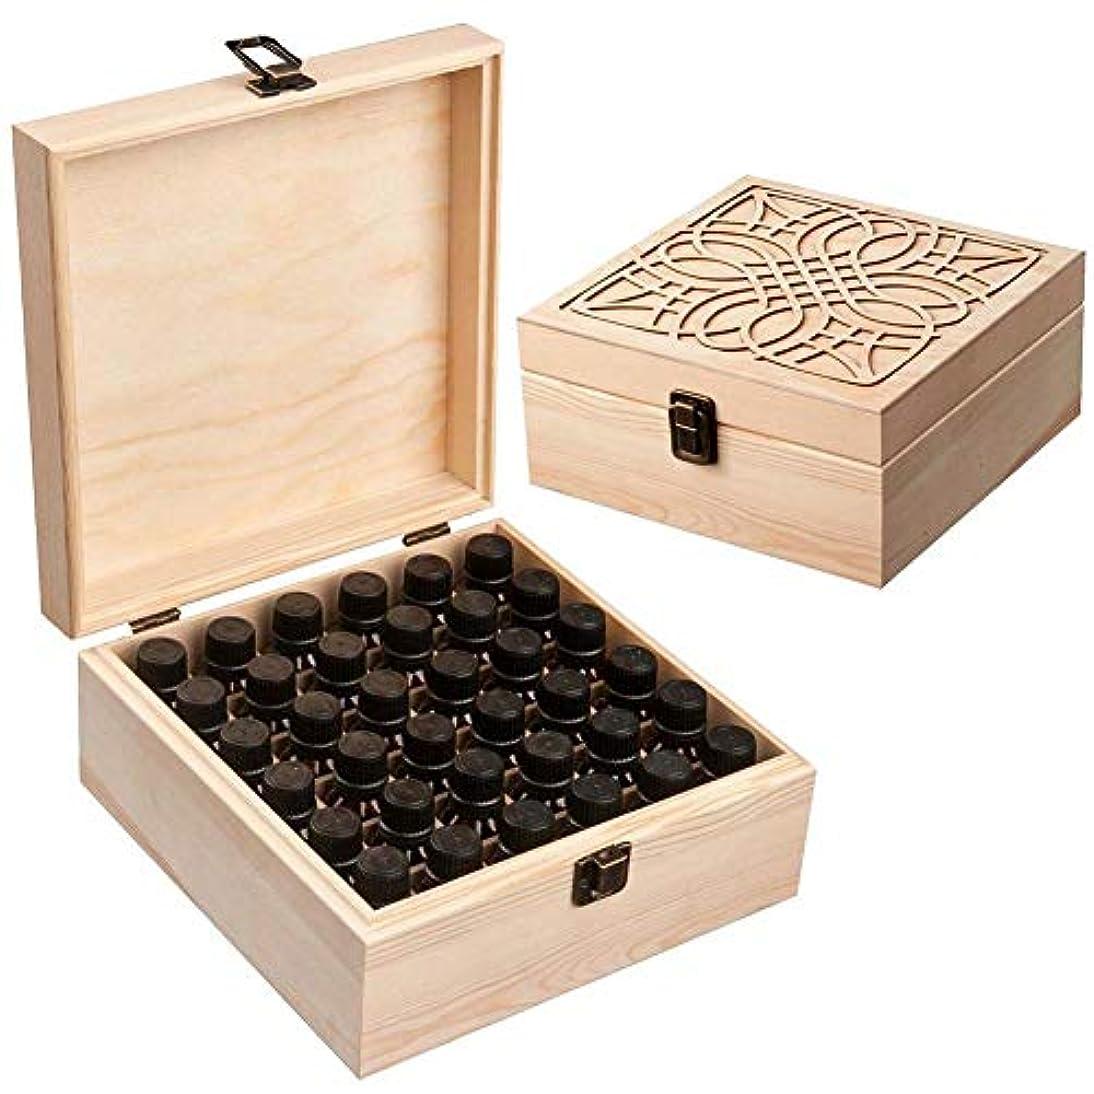 伝染病エゴマニア少なくともNewfashion エッセンシャルオイル収納ボックス 精油収納 アロマケース 木製 大容量 携帯便利 オイルボックス 飾り物 36本用